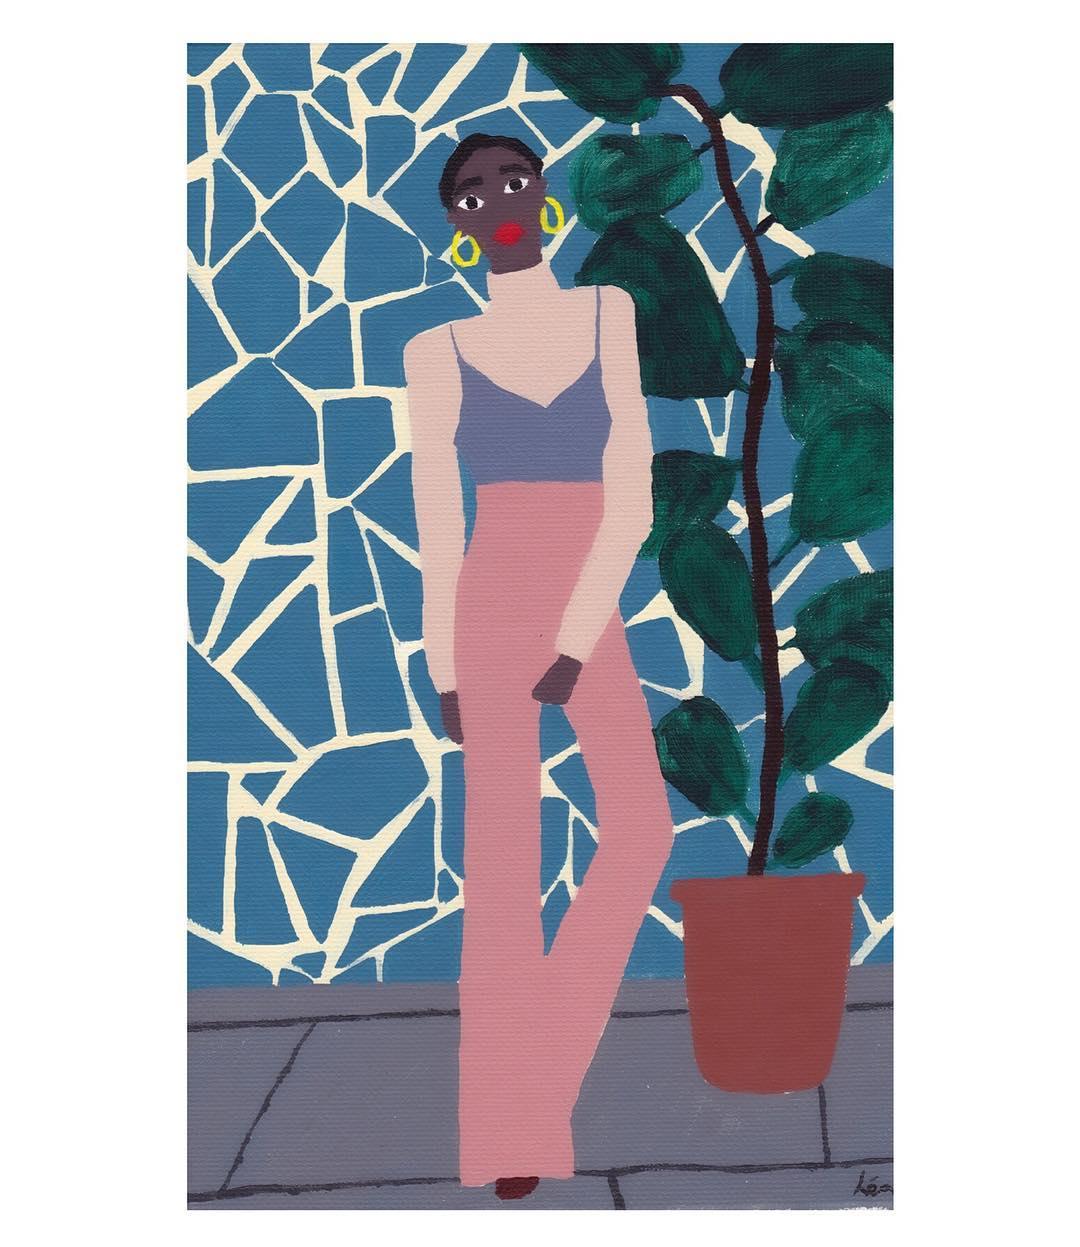 Devant un mur bleu et blanc, une figure de femme pose. Elle porte un pantalon large, taille haute, rose, dans lequel est rentré un top à bretelle parme, au dessus d'un t-shirt à manche longe beige.